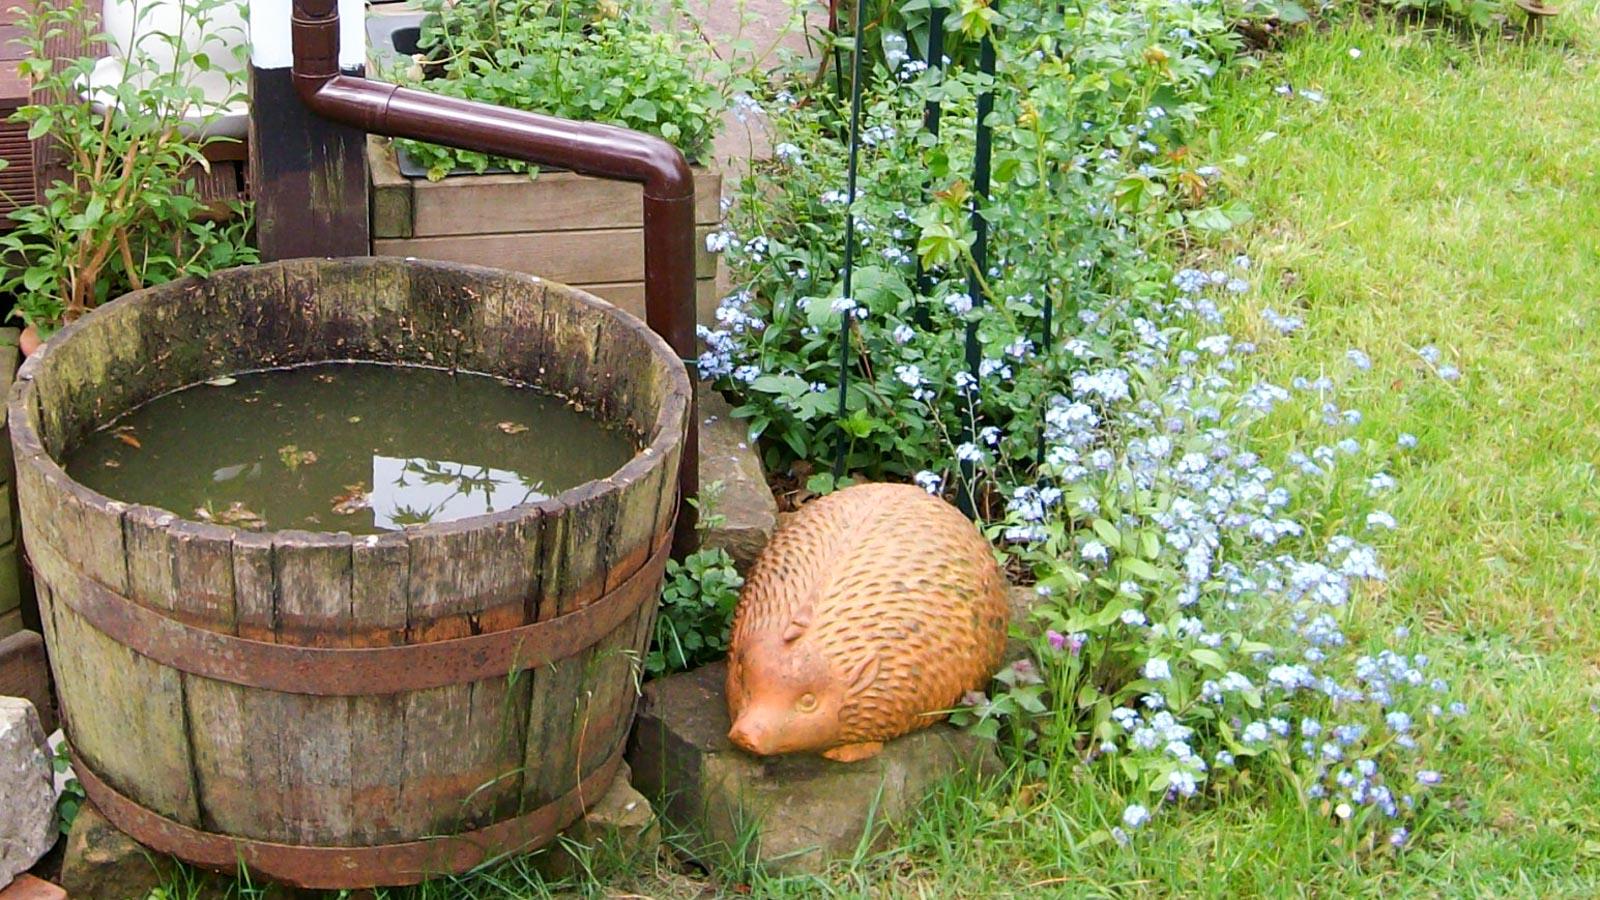 Holz-Regenfass im Garten